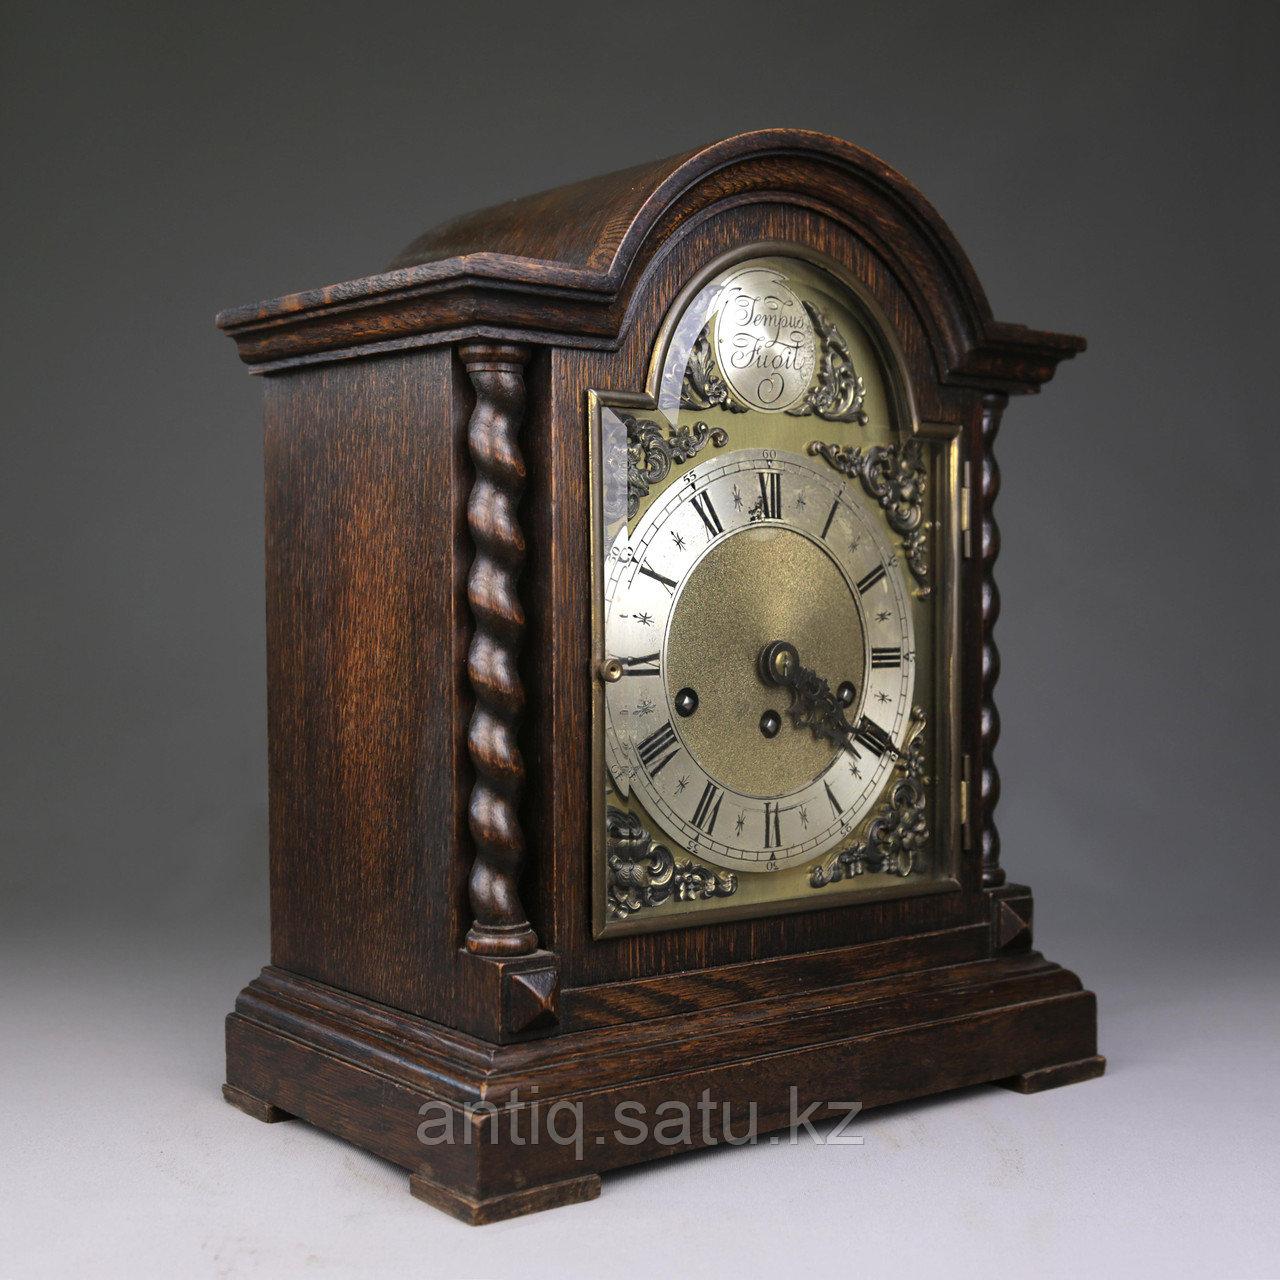 Настольные голландские часы с лунным календарем. Часовая мастерская Junghans. - фото 3